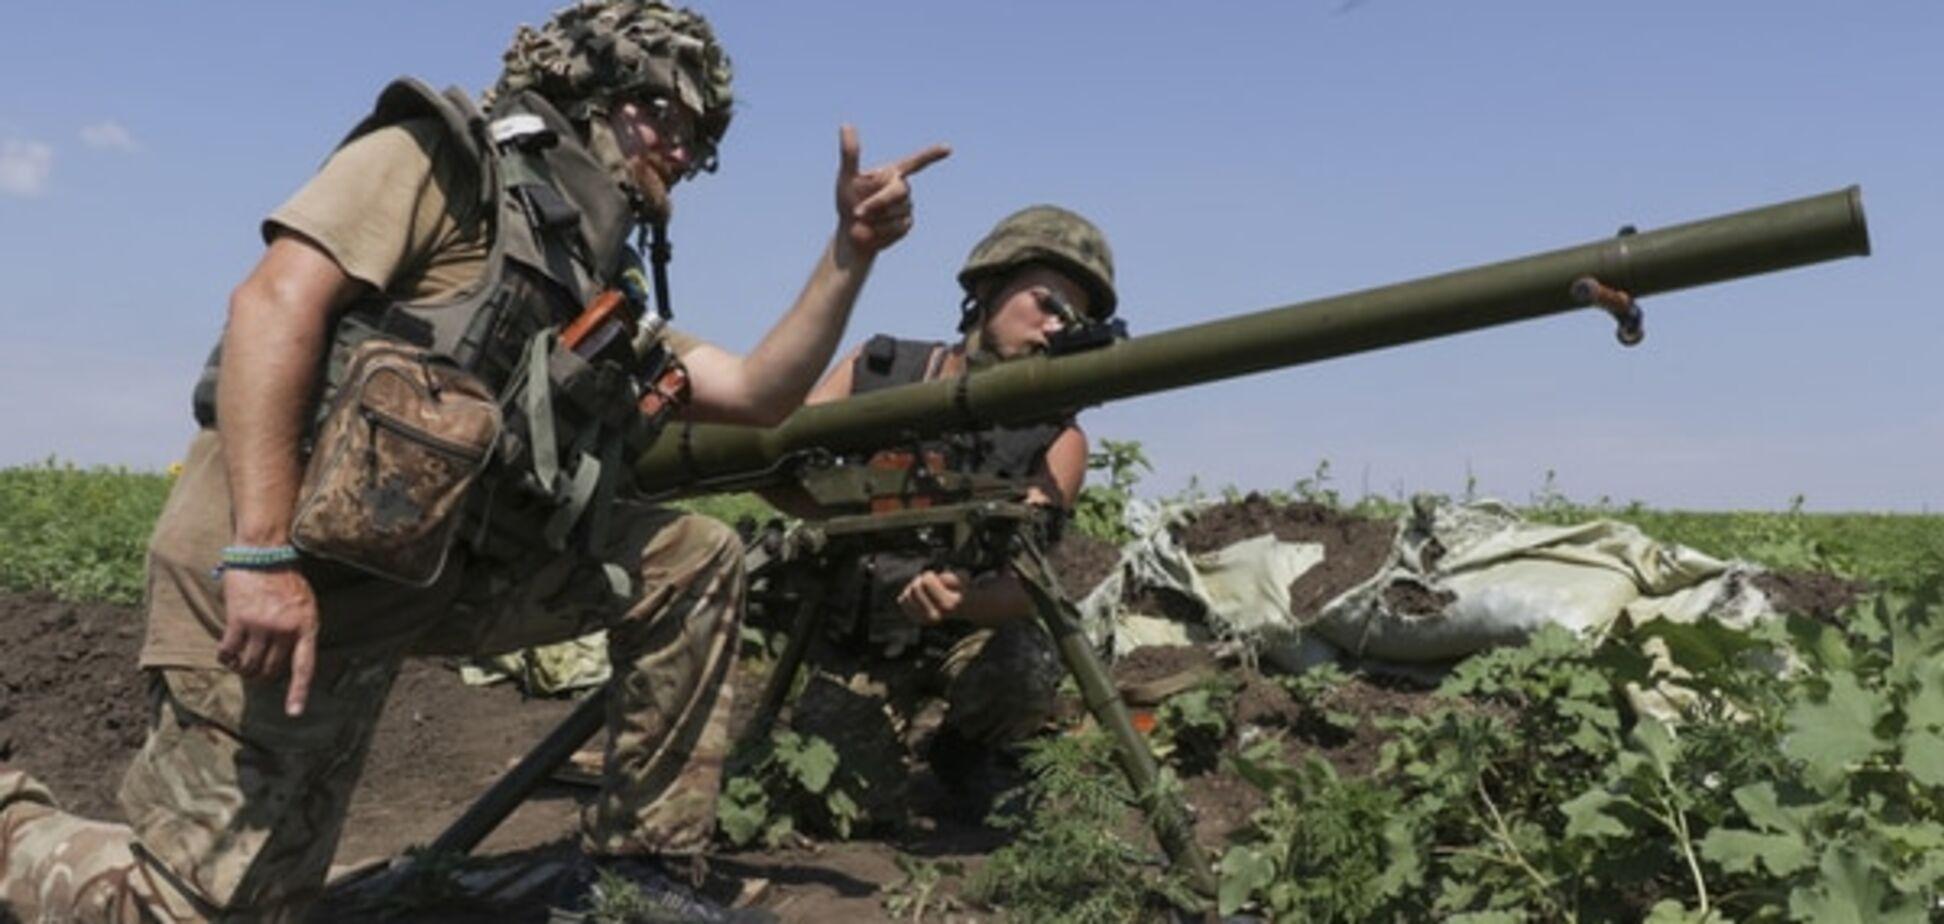 У СБУ розповіли про сотні шкіл і таборів для навчання терористів на Донбасі